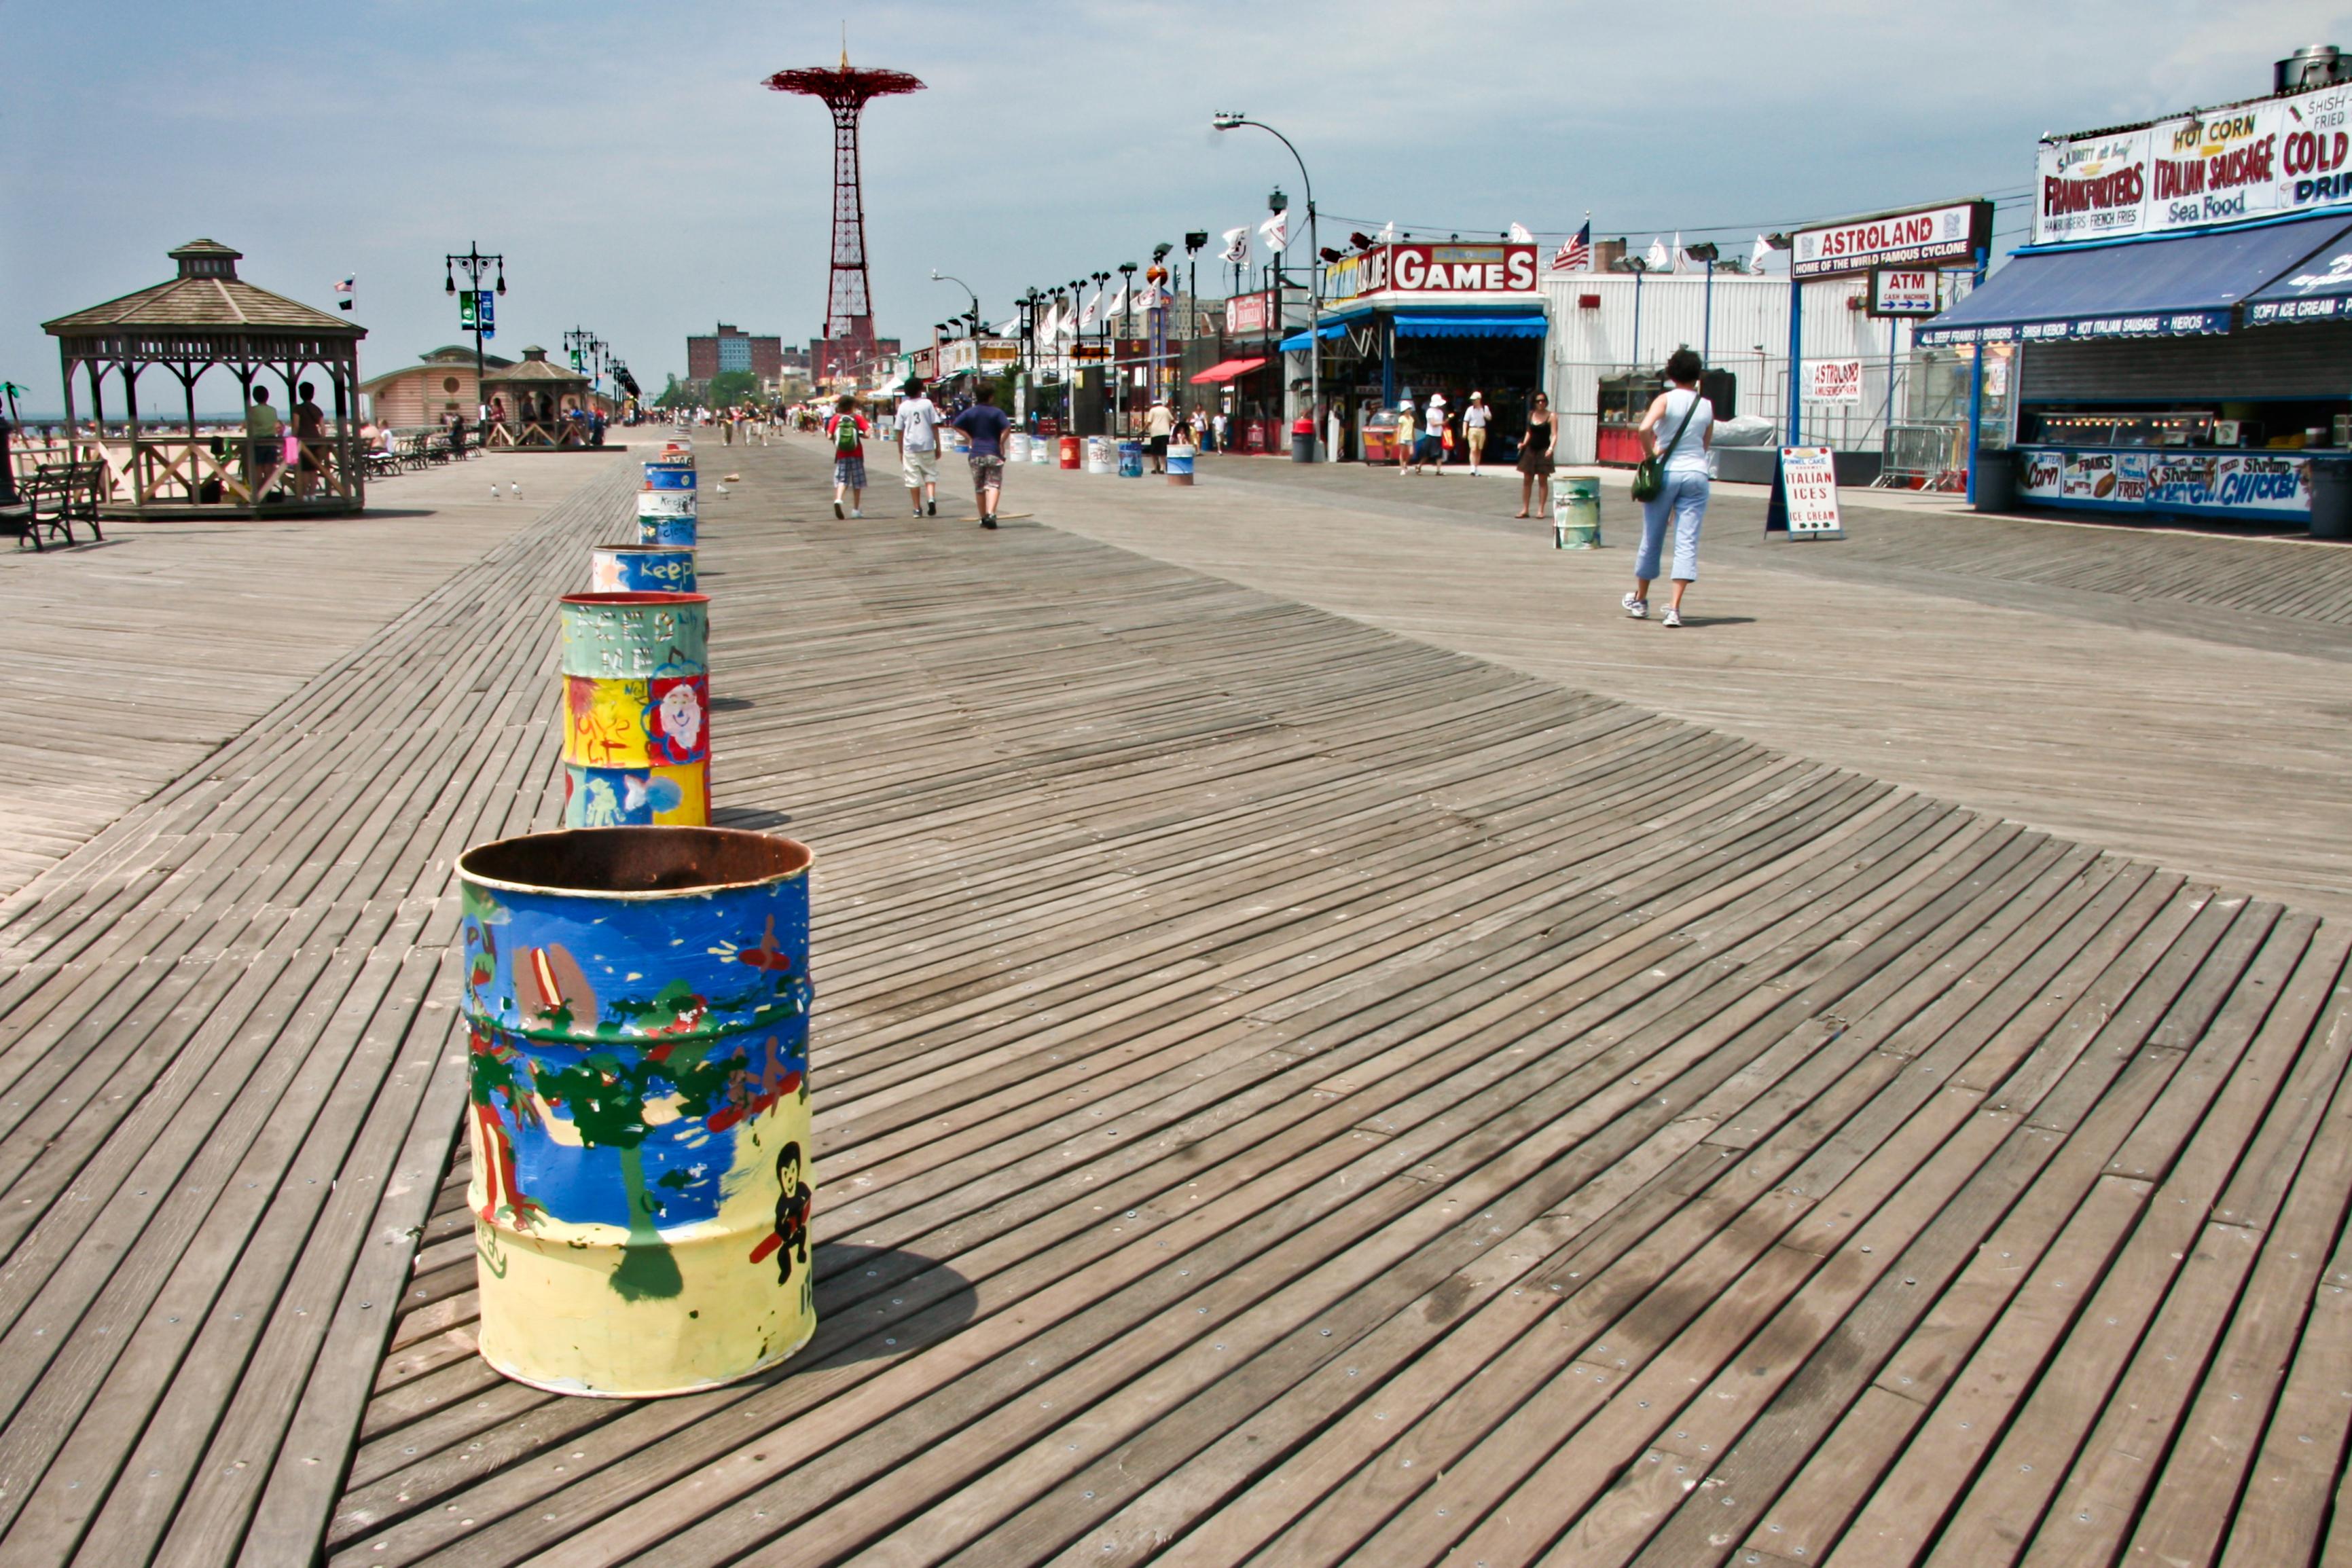 Promenada Coney Island orientacyjnym punktem w mieście